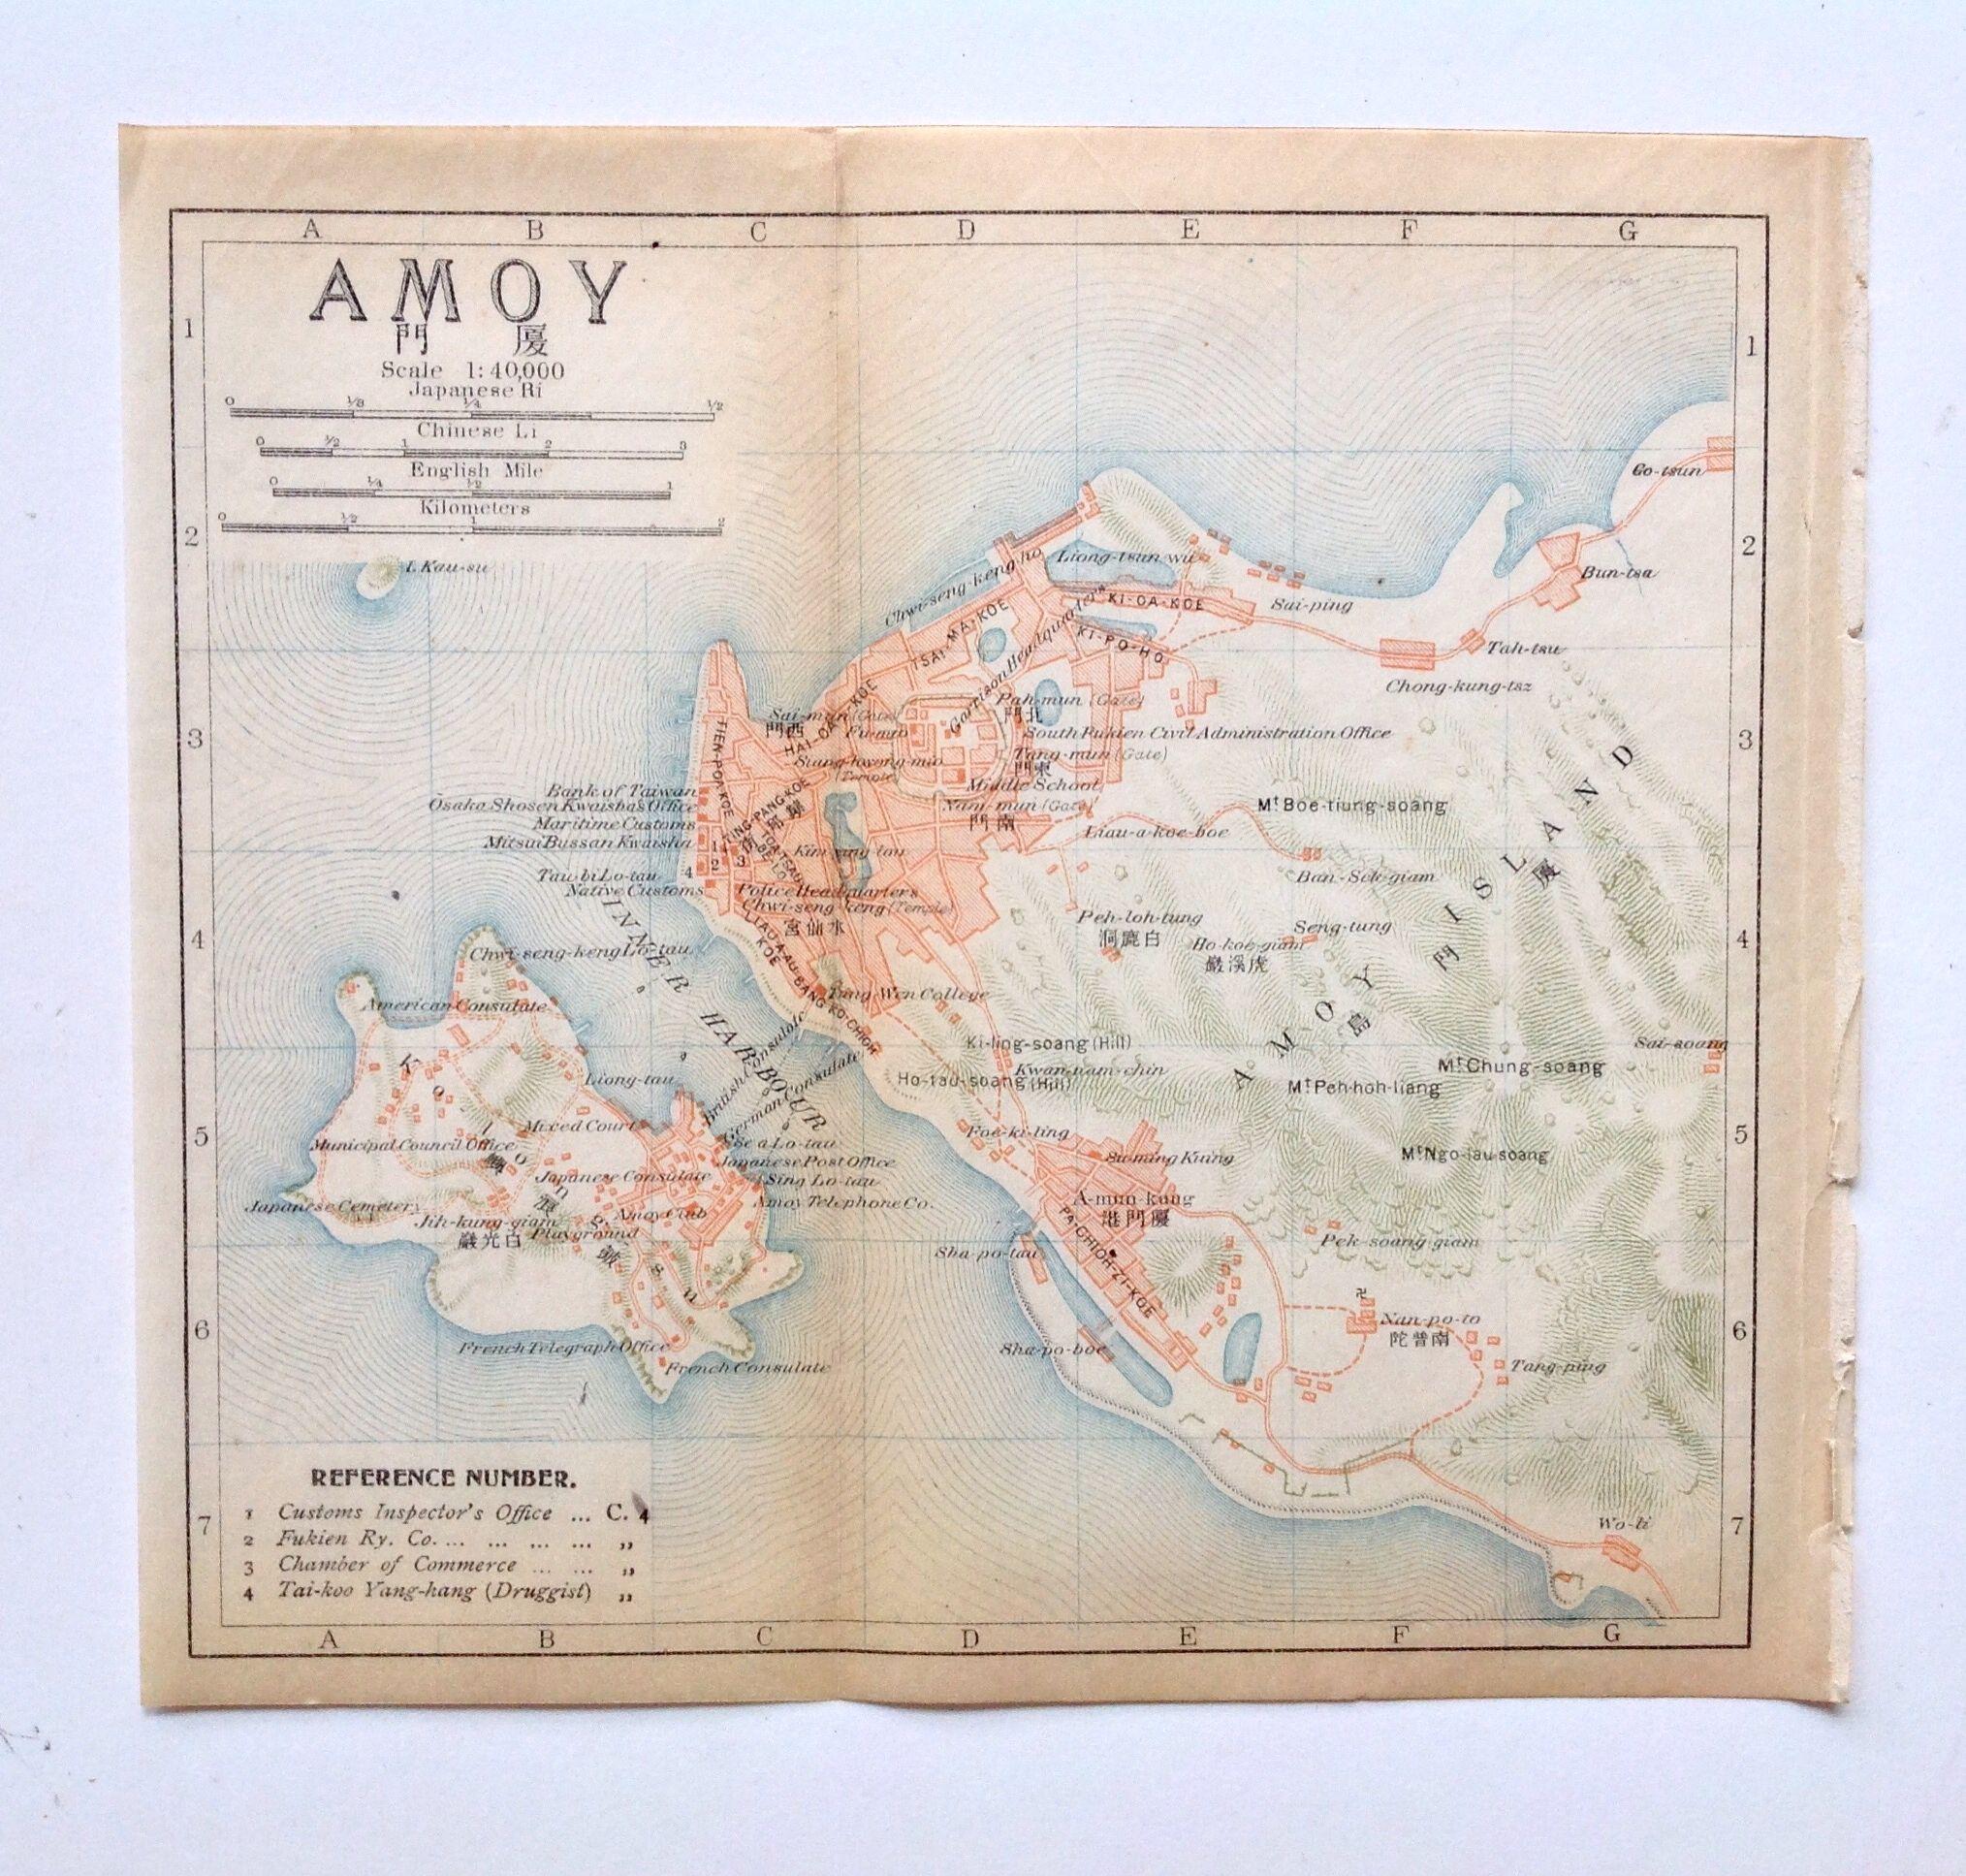 Xiamen China Map.Amoy Xiamen 1915 Antique Map Antique Maps Of China China Map